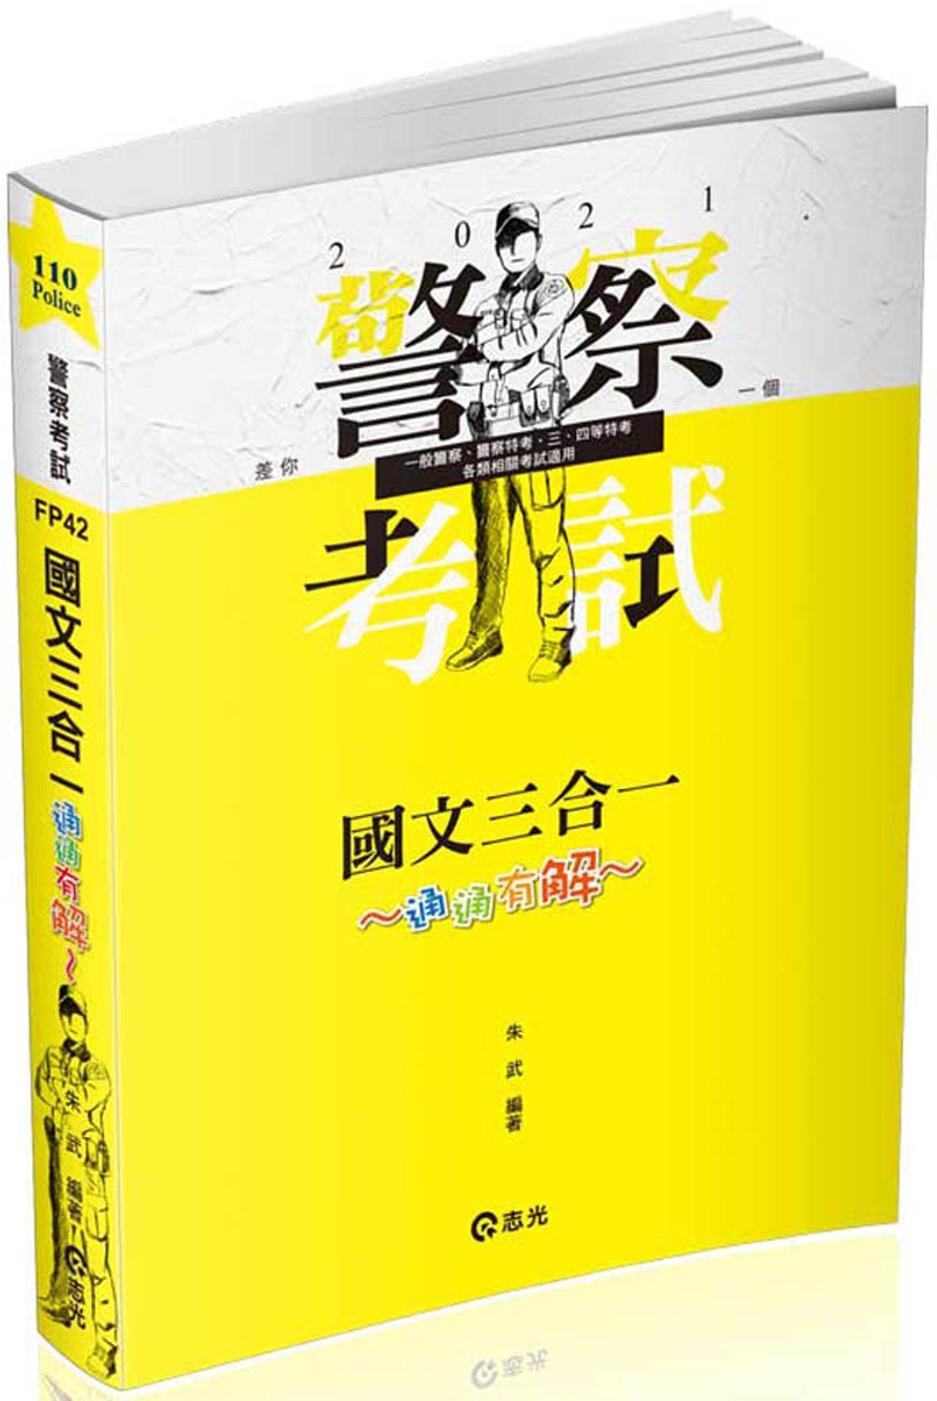 """國文三合一‧通通""""有解""""(一般警察考試、警察特考考試適用)"""